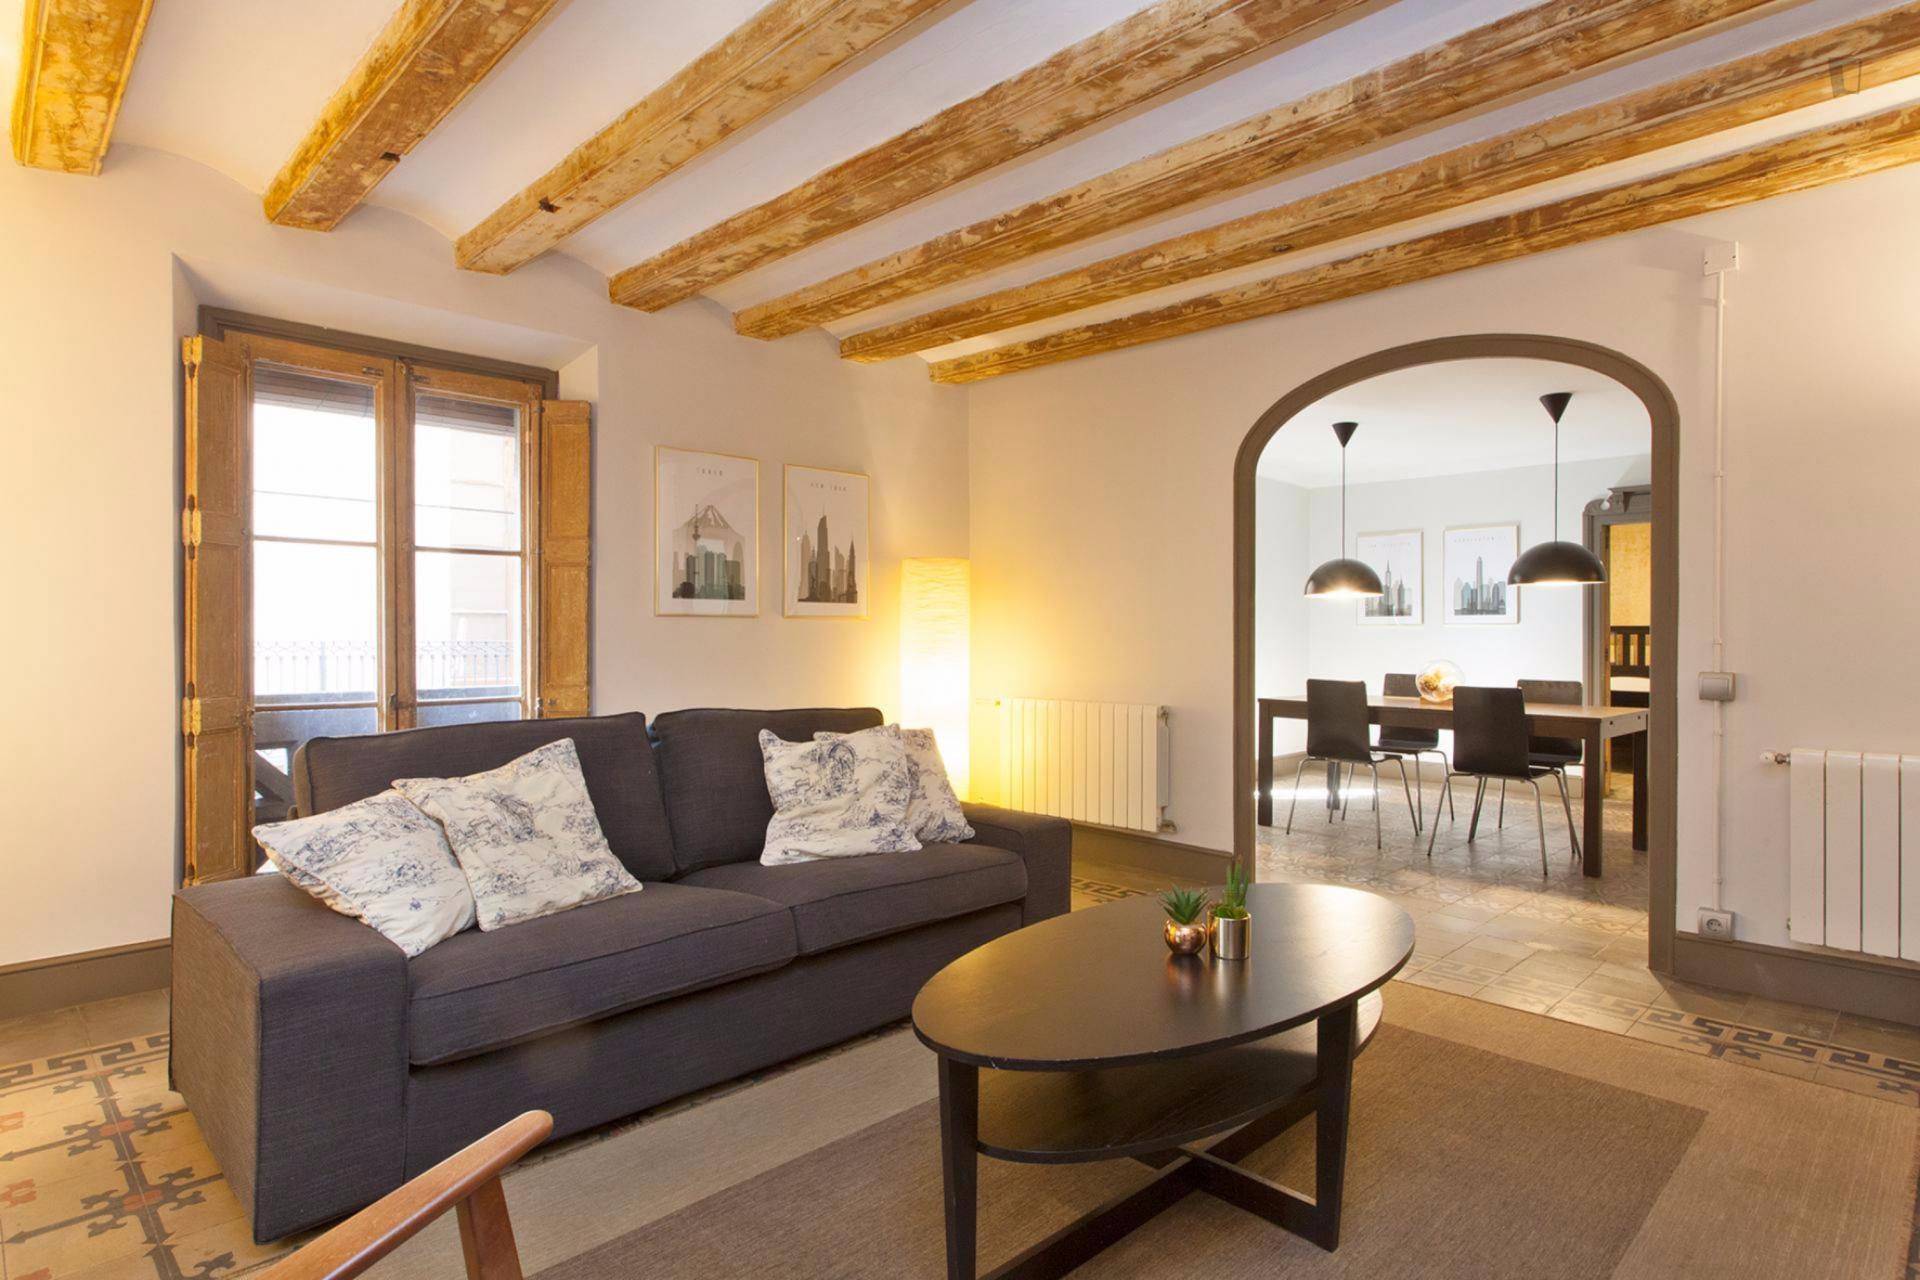 Palau - Piso amueblado en alquiler en Barcelona